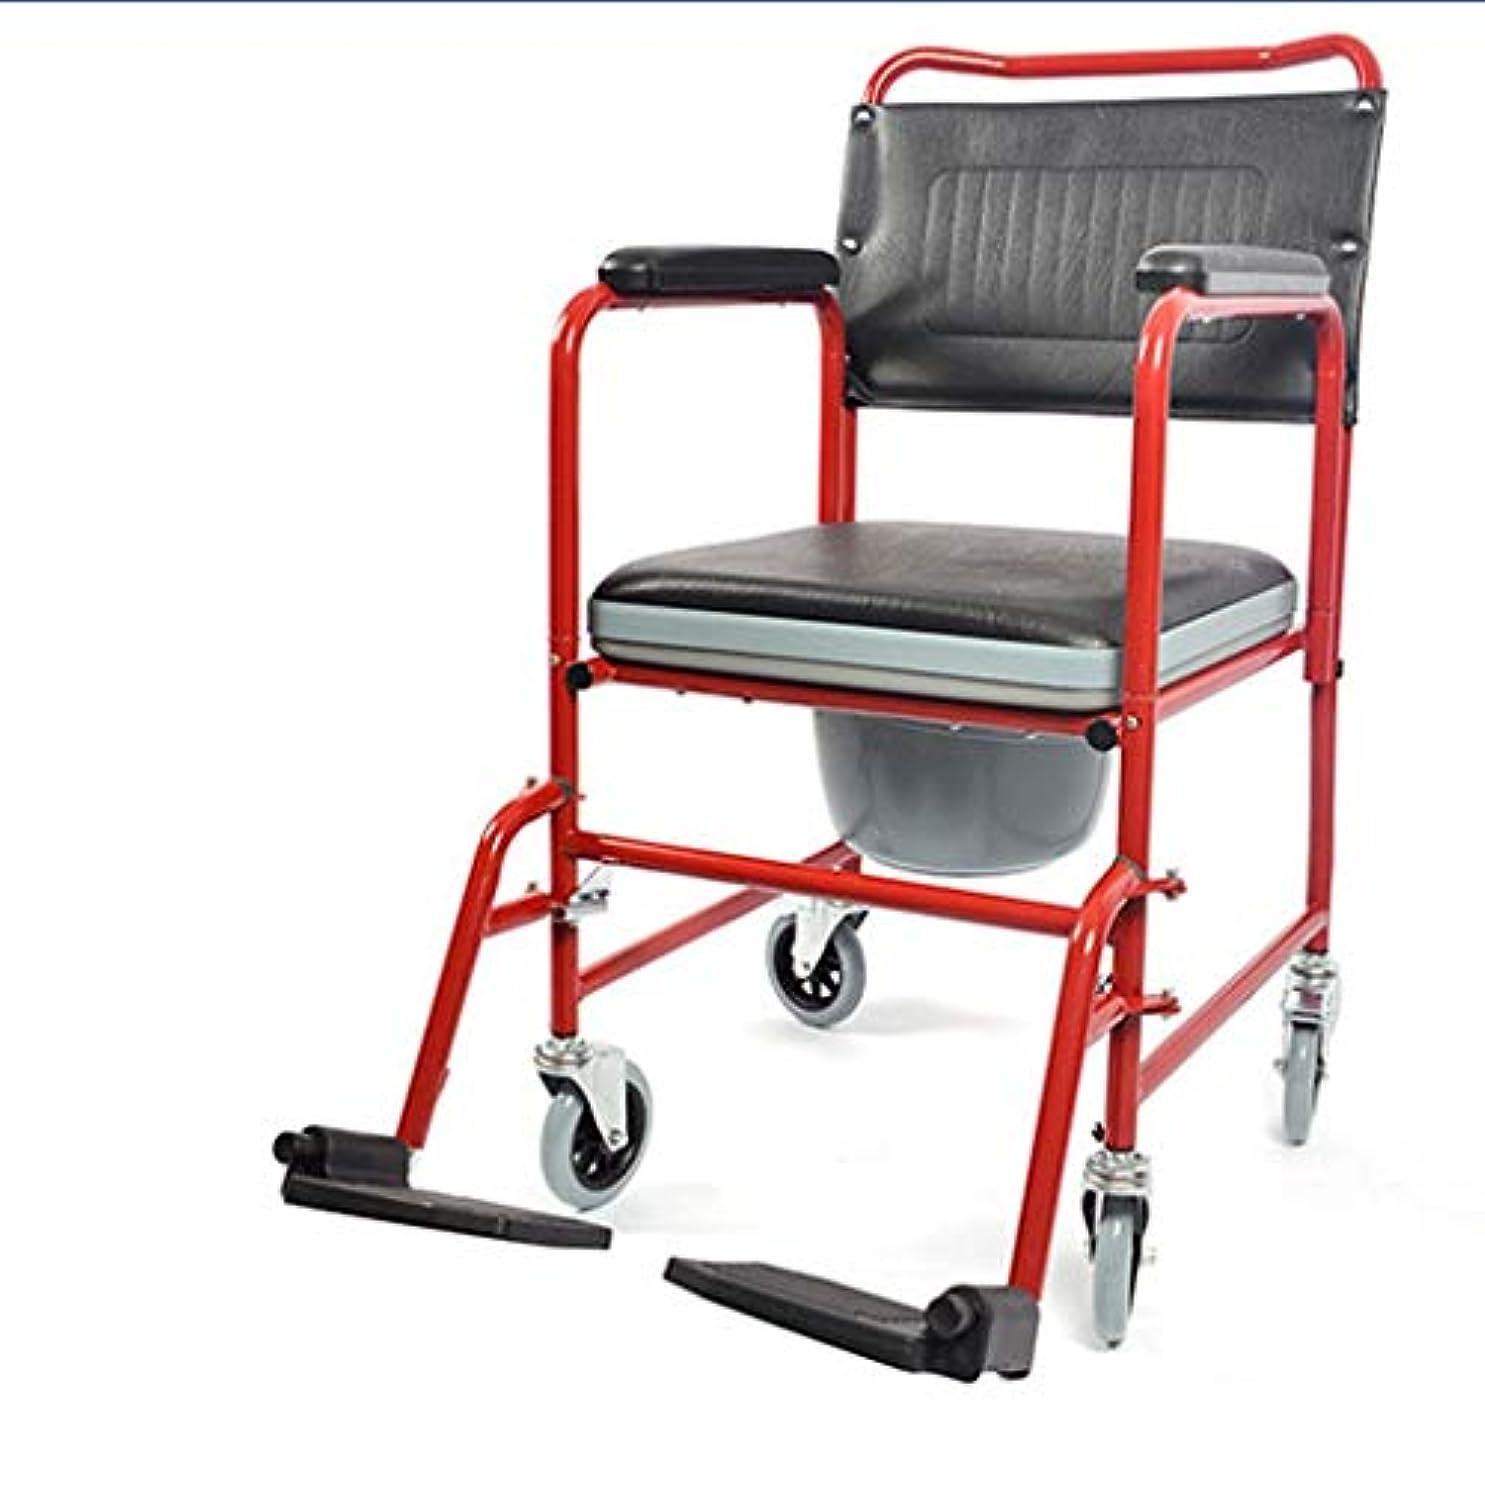 大宇宙スポーツの試合を担当している人ぞっとするようなバスルームのシャワーチェア、レインスツール、高齢者妊婦ポータブル多機能車椅子高齢者ポータブルカート